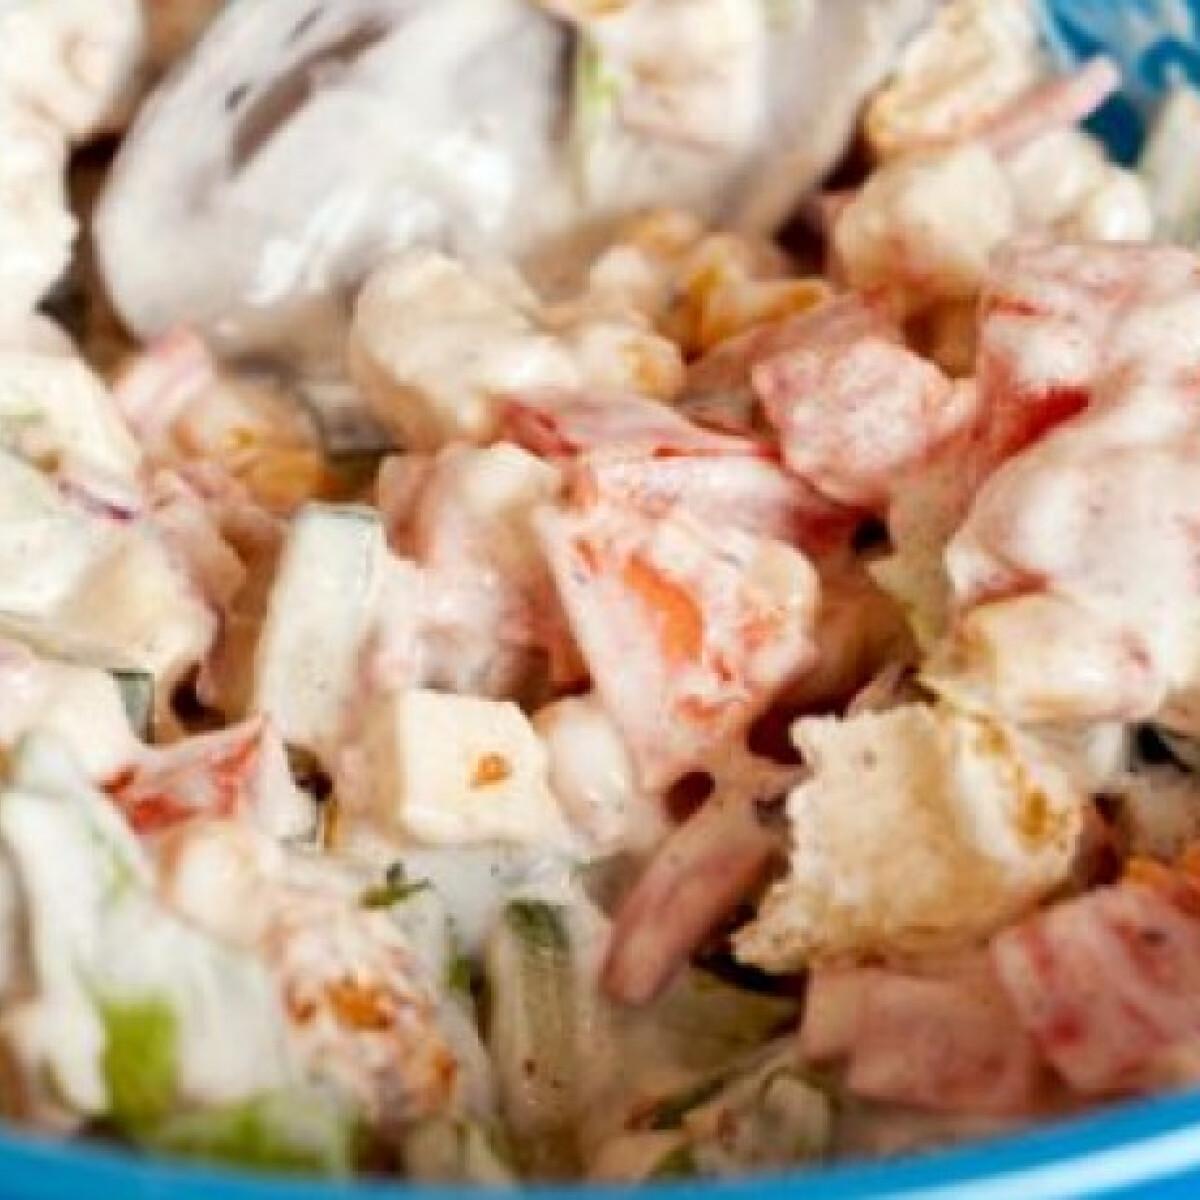 Mozzarellás saláta Szisszi konyhájából